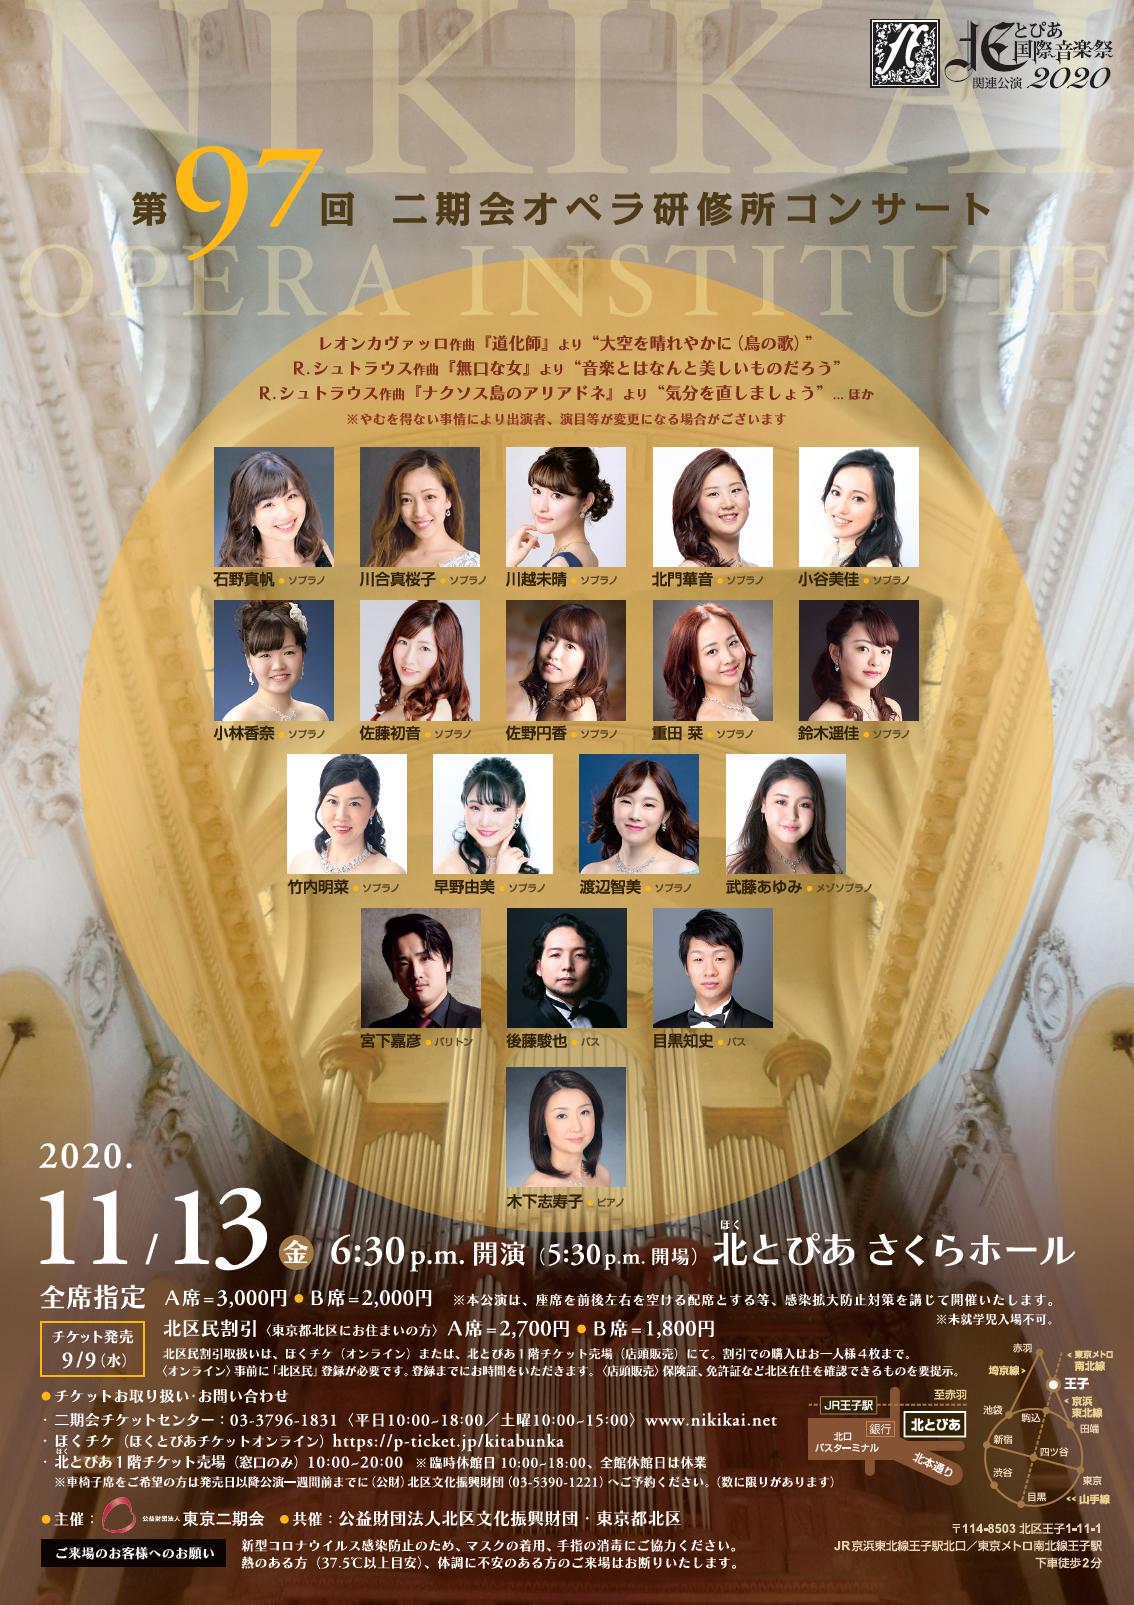 第97回二期会オペラ研修所コンサートの画像